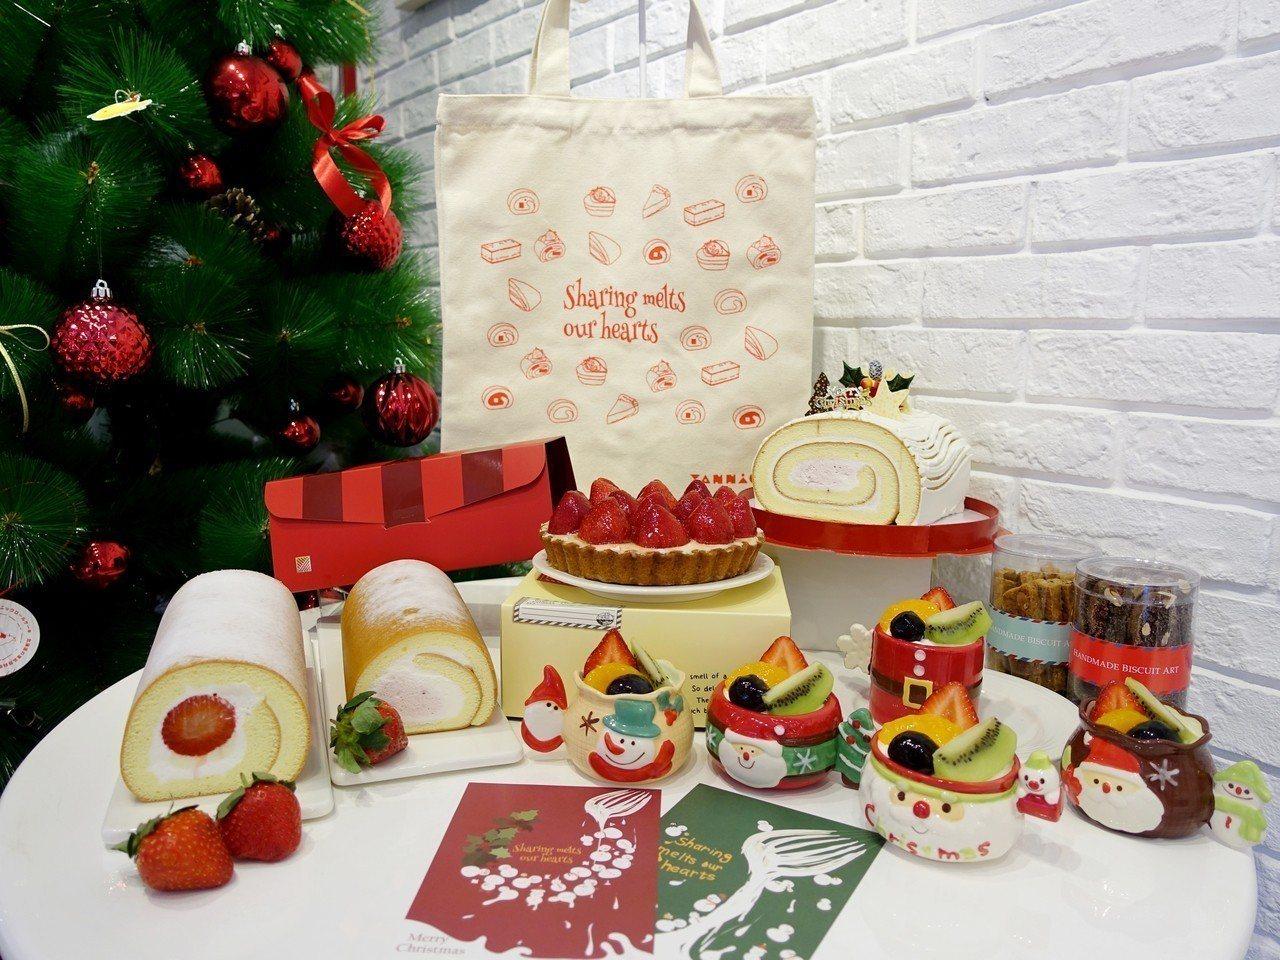 亞尼克耶誕節搭配草莓季推出限定商品。記者張芳瑜/攝影